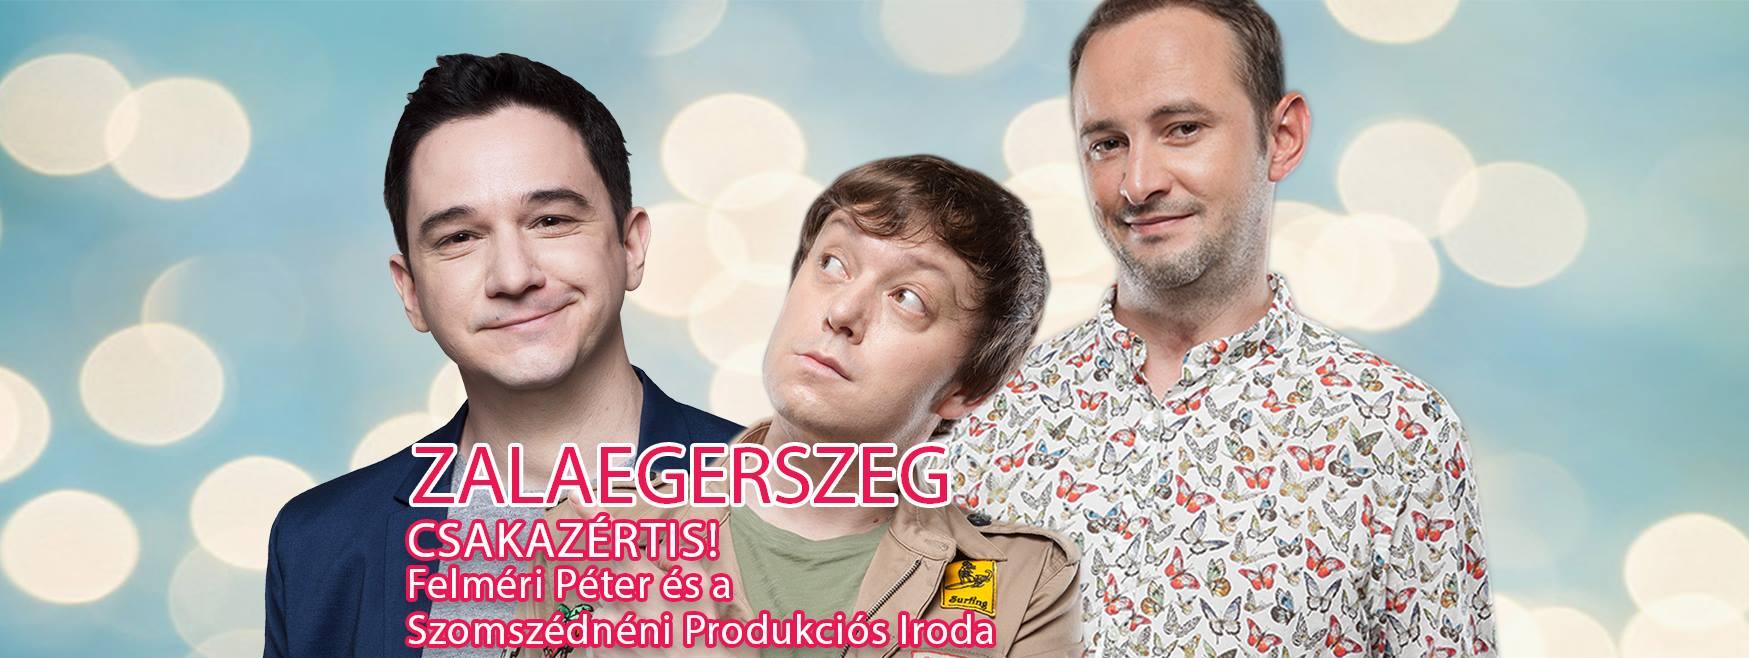 Felméri Péter és a Szomszédnéni Produkciós Iroda közös estje Zalaegerszegen!